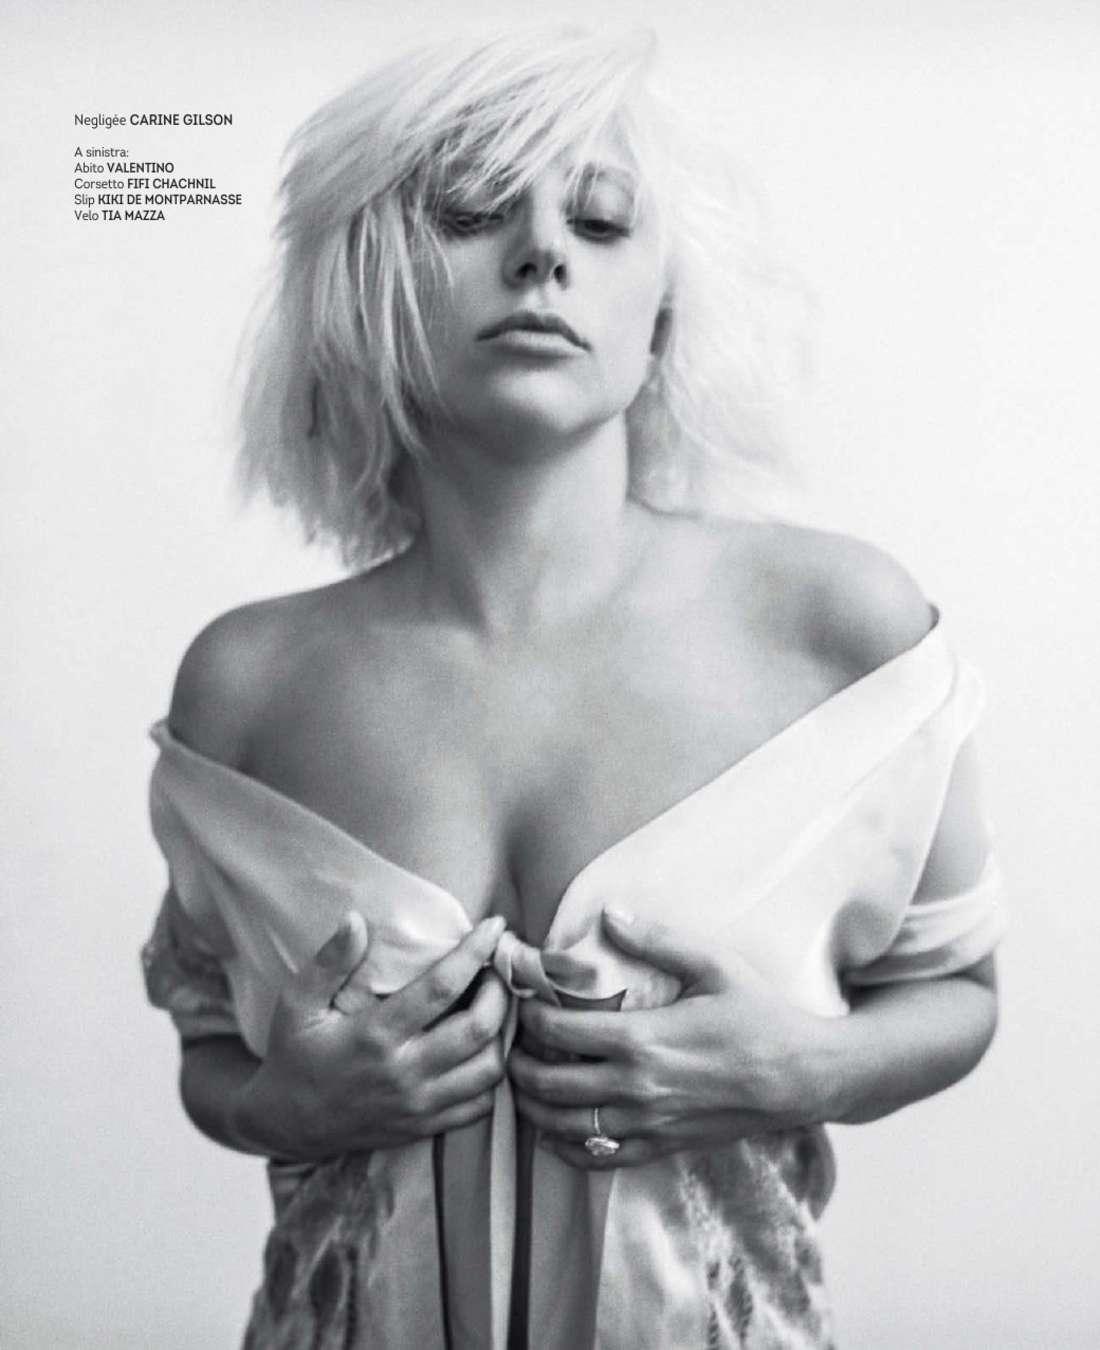 Lady gaga naked rolling stone